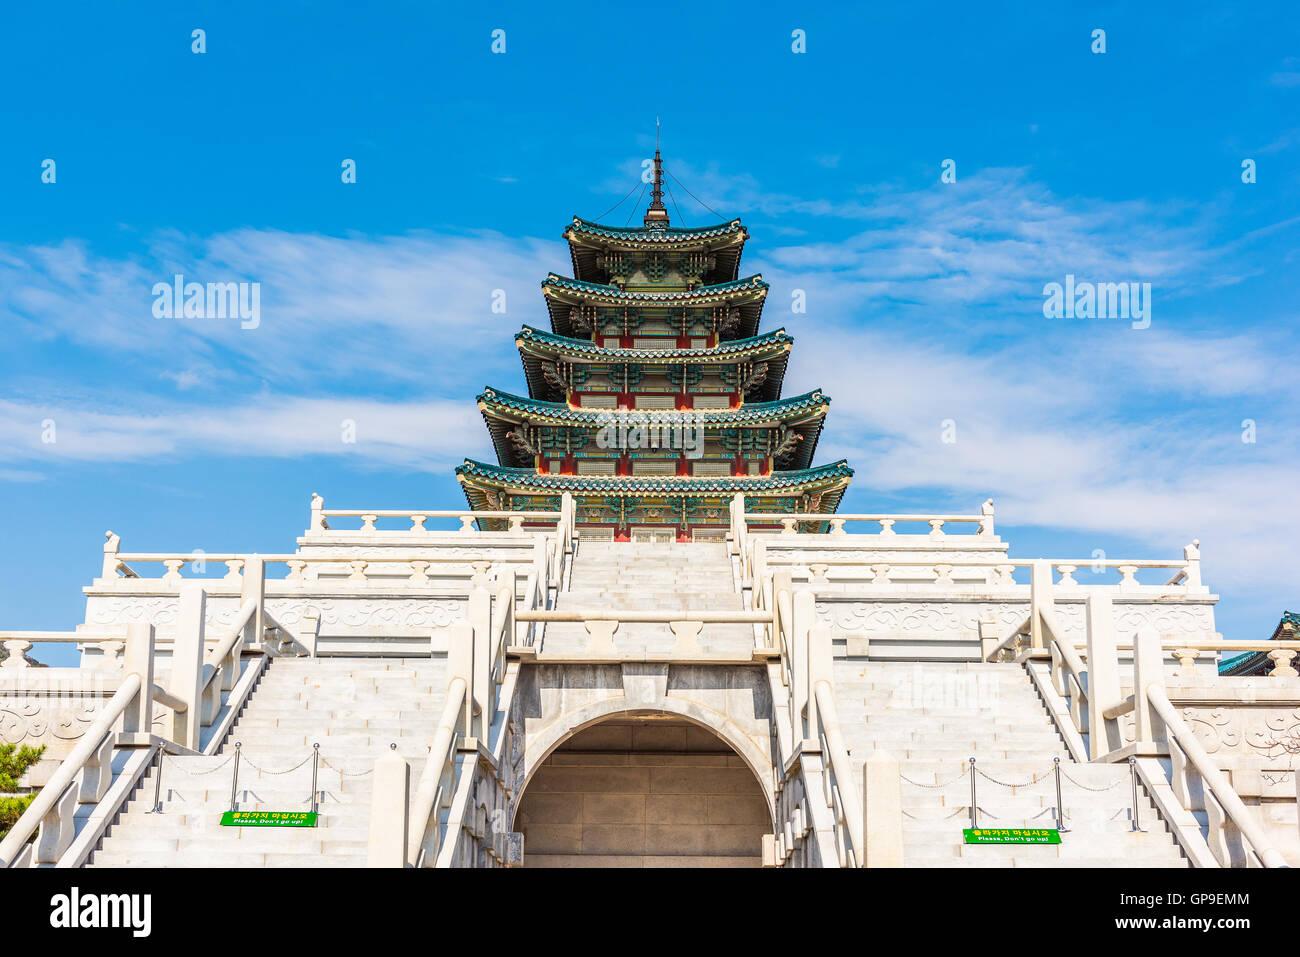 El Palacio Gyeongbokgung en Seúl, Corea. Imagen De Stock